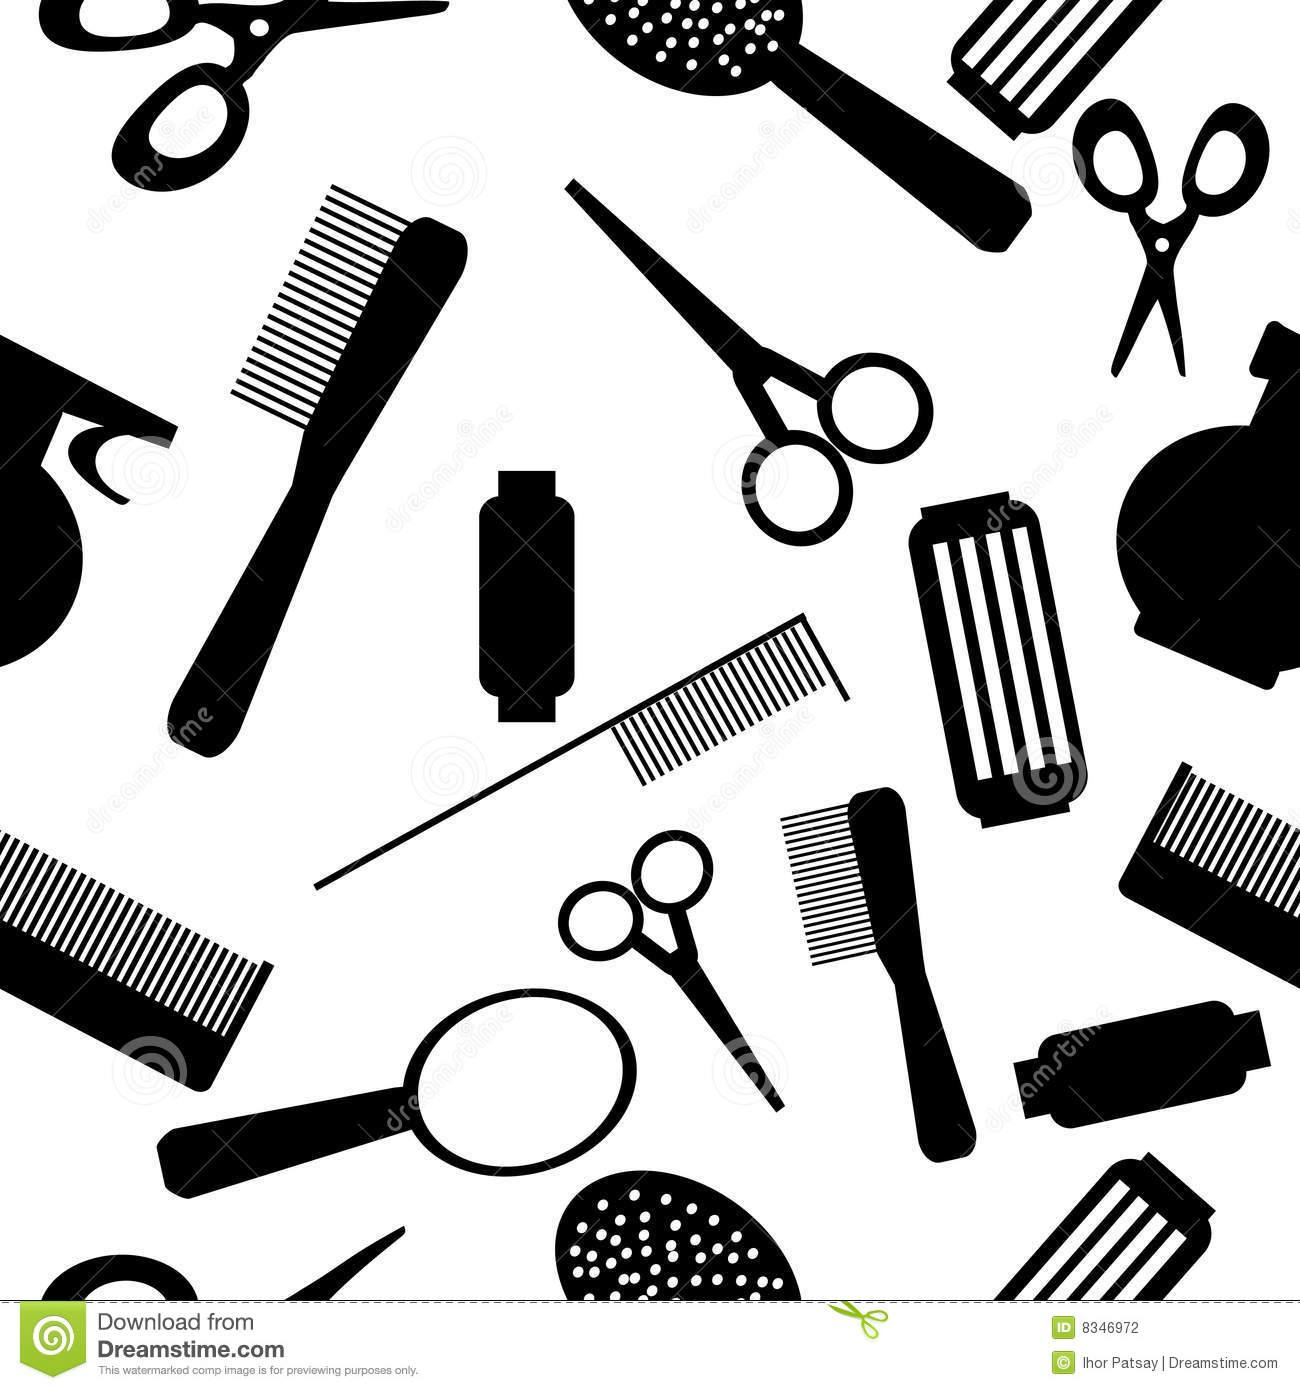 1193 Salon free clipart.